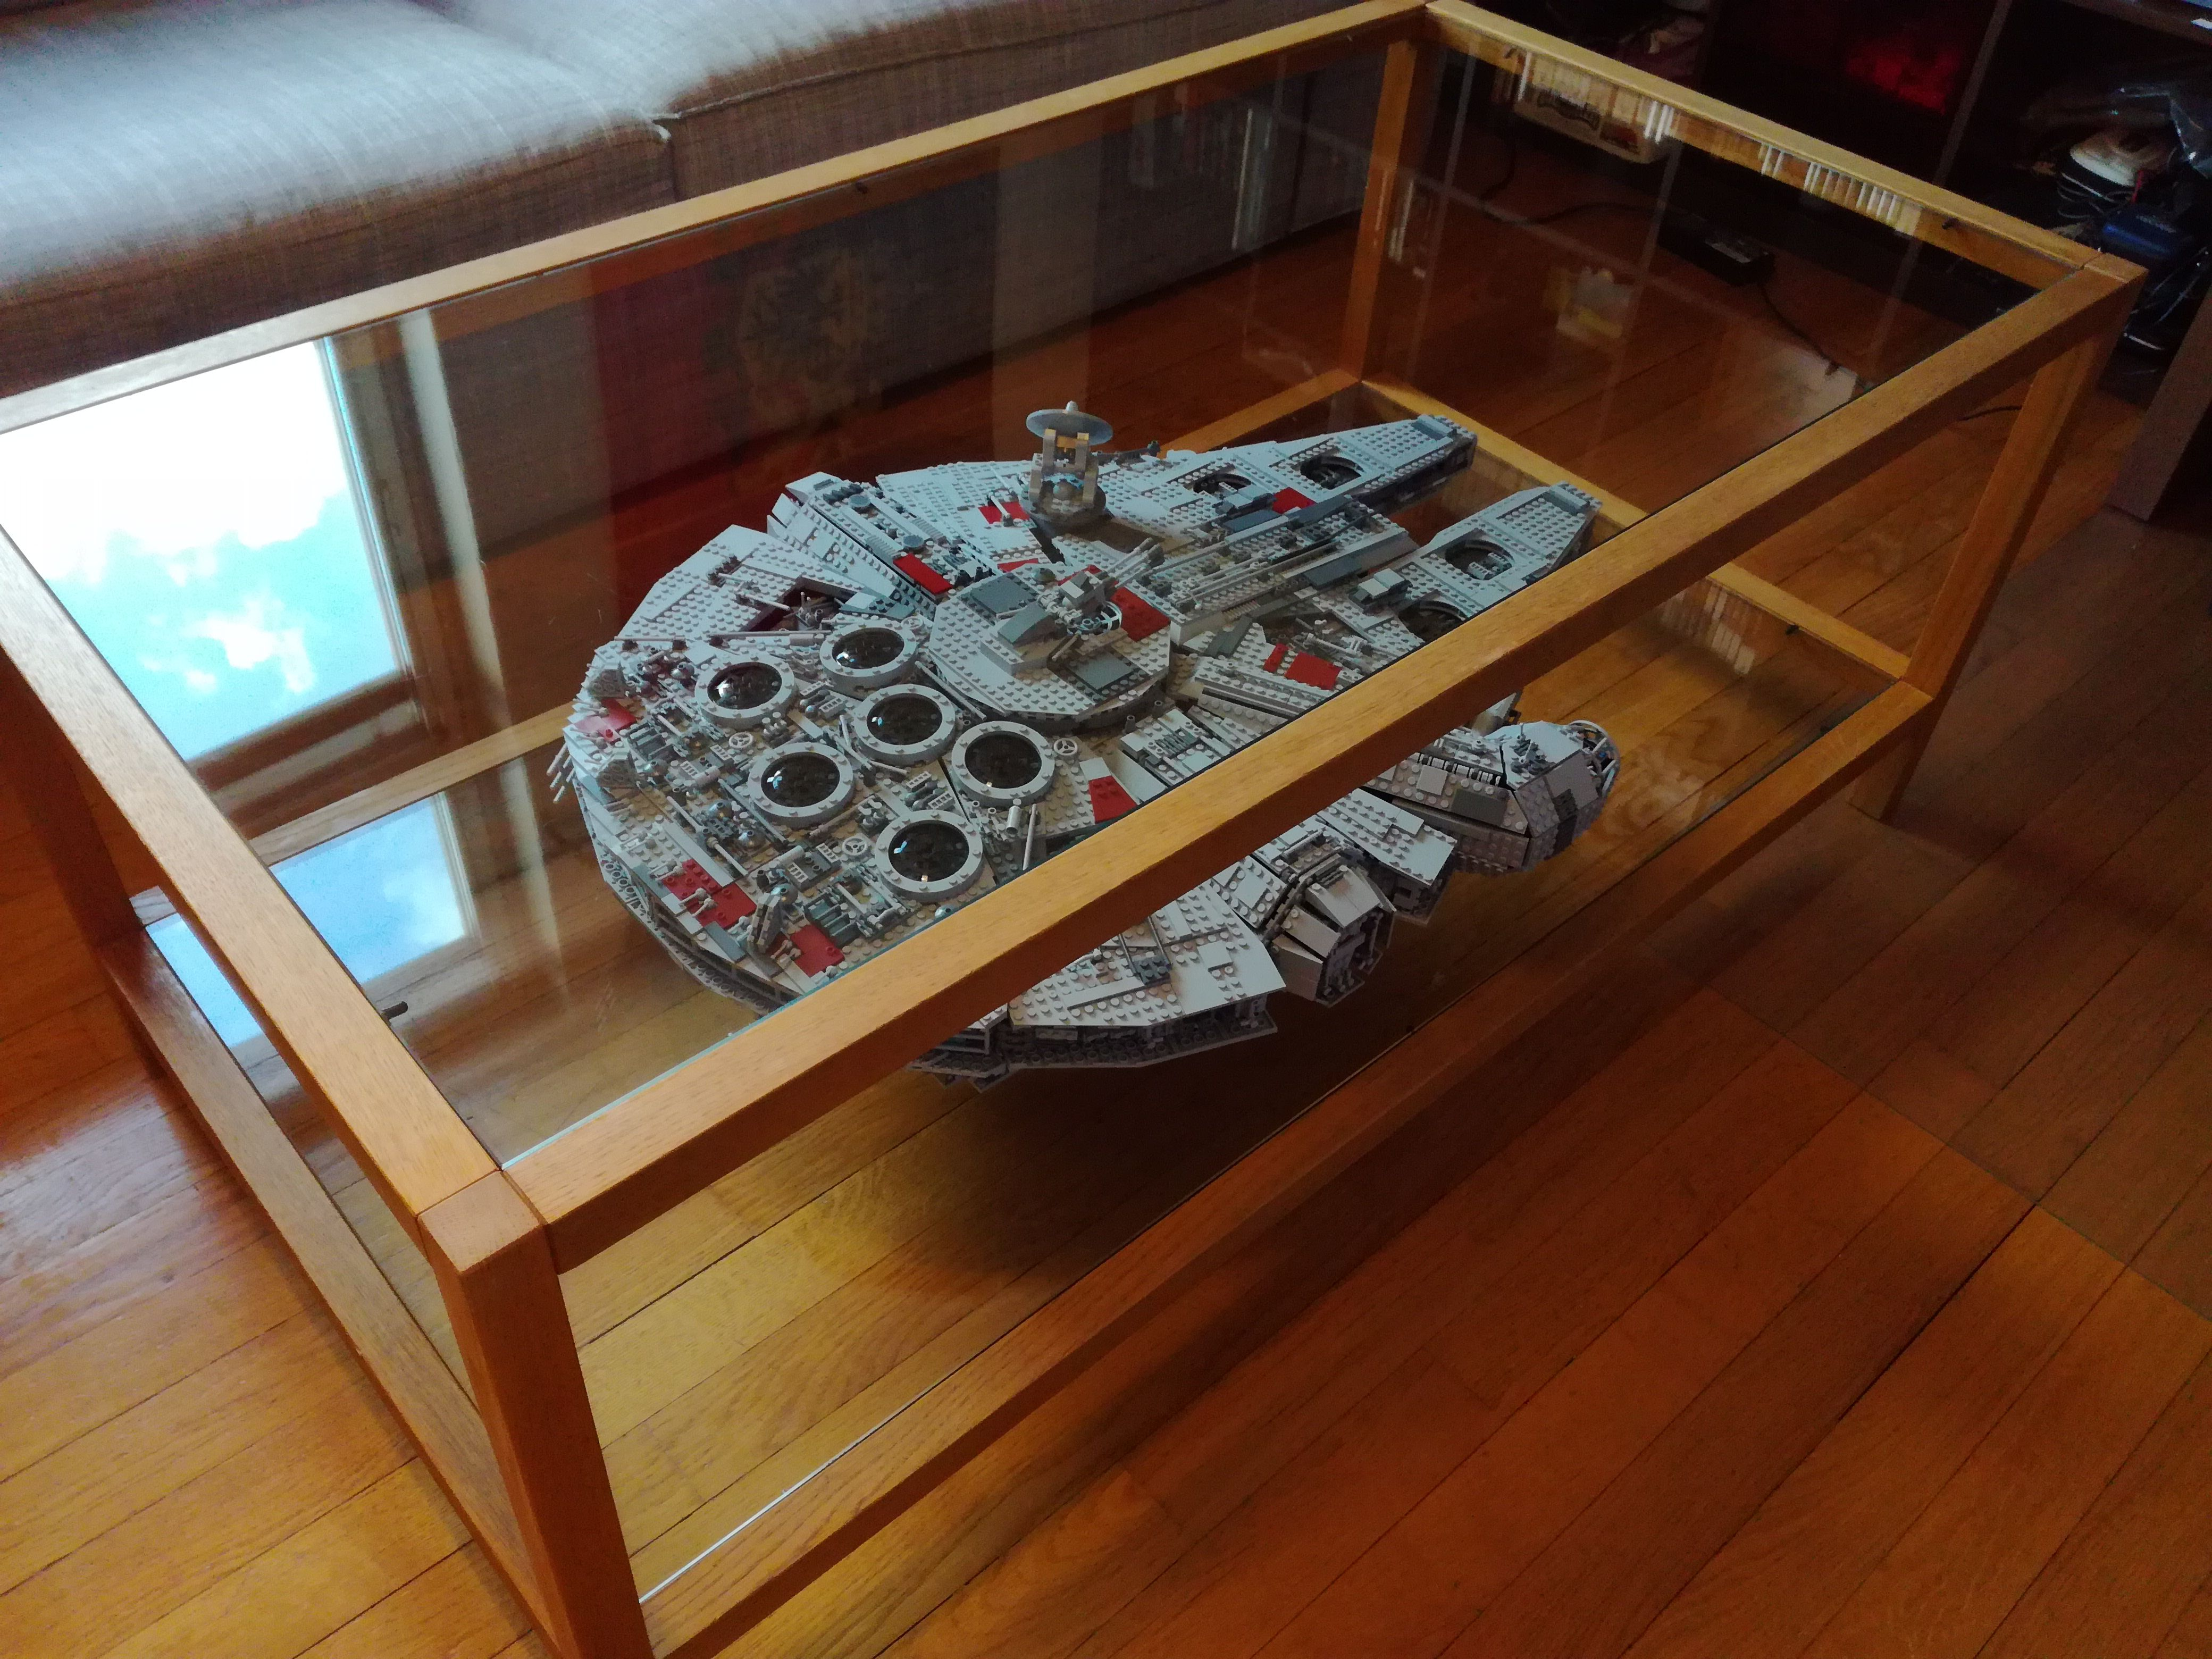 So I Built A Big Millenium Falcon Lego Display Lego Display Case Millenium Falcon [ 3120 x 4160 Pixel ]